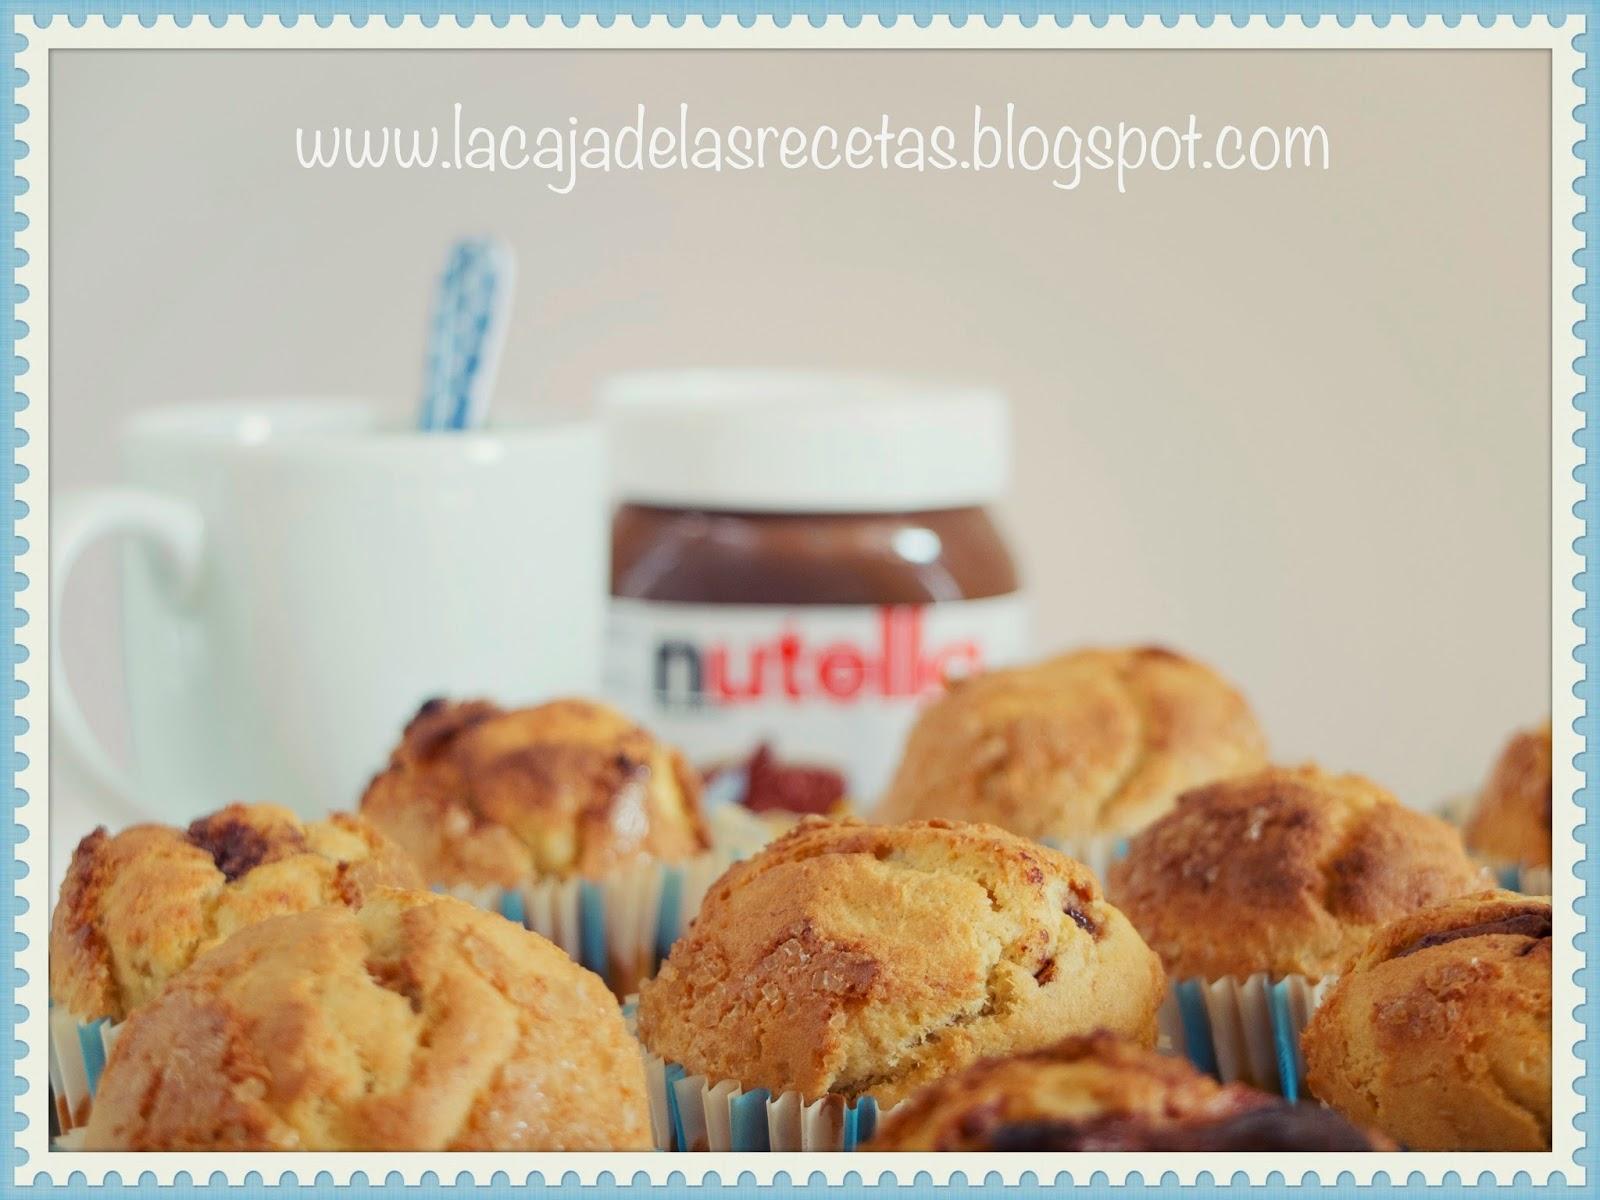 Muffins de Pl�tano (de Canarias!) y Nutella